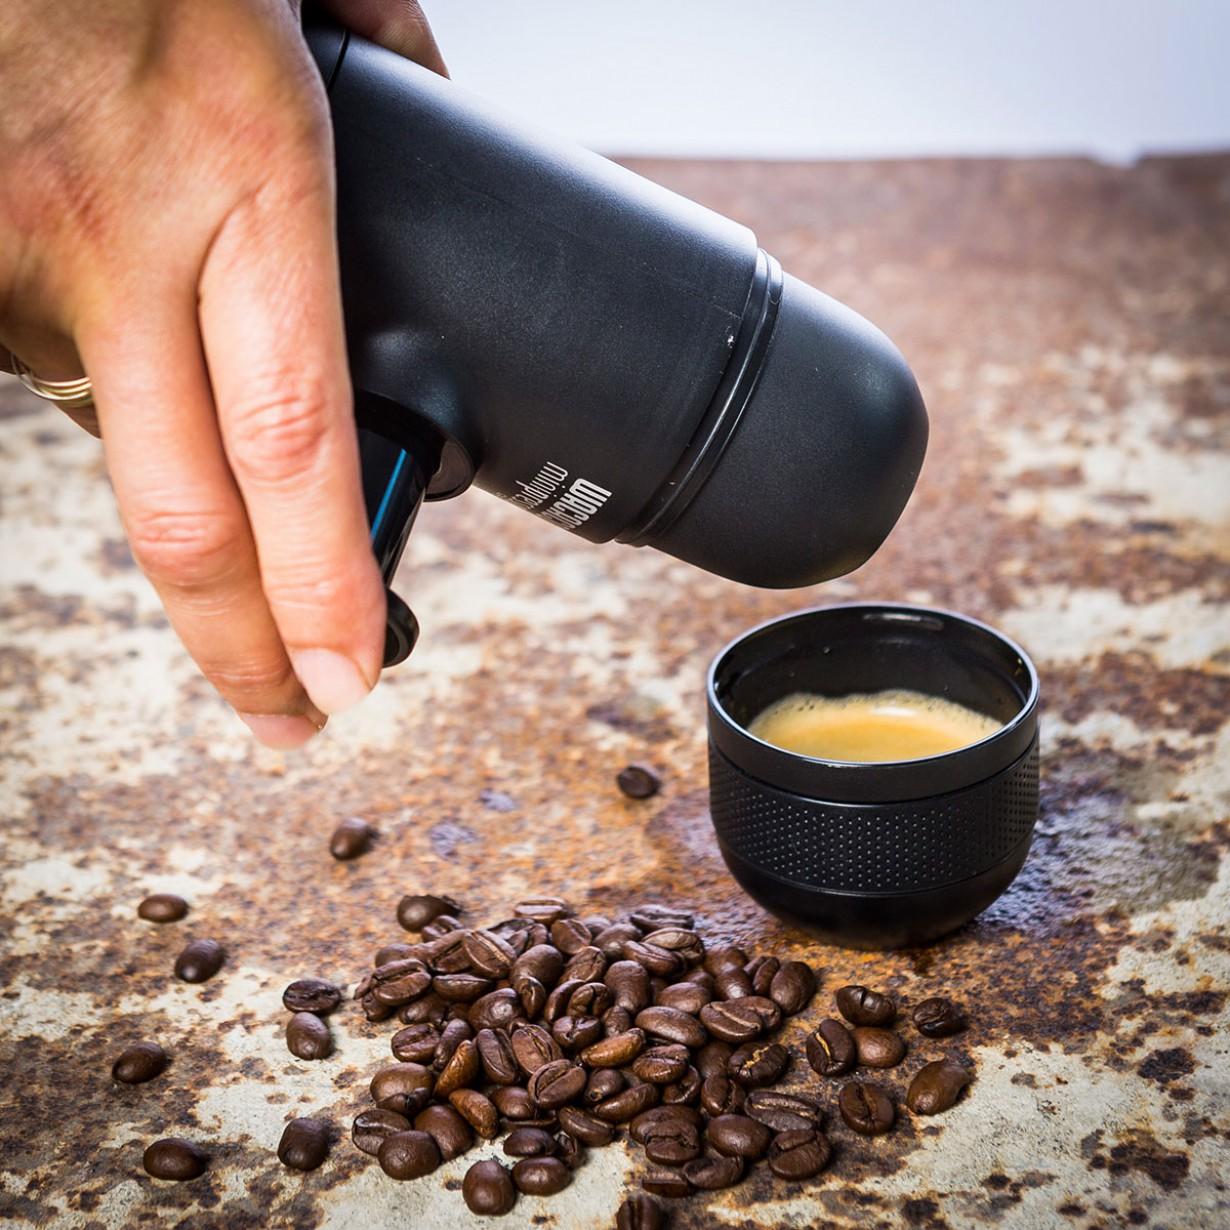 minipresso-la-machine-a-expresso-la-plus-compacte-au-monde-20c